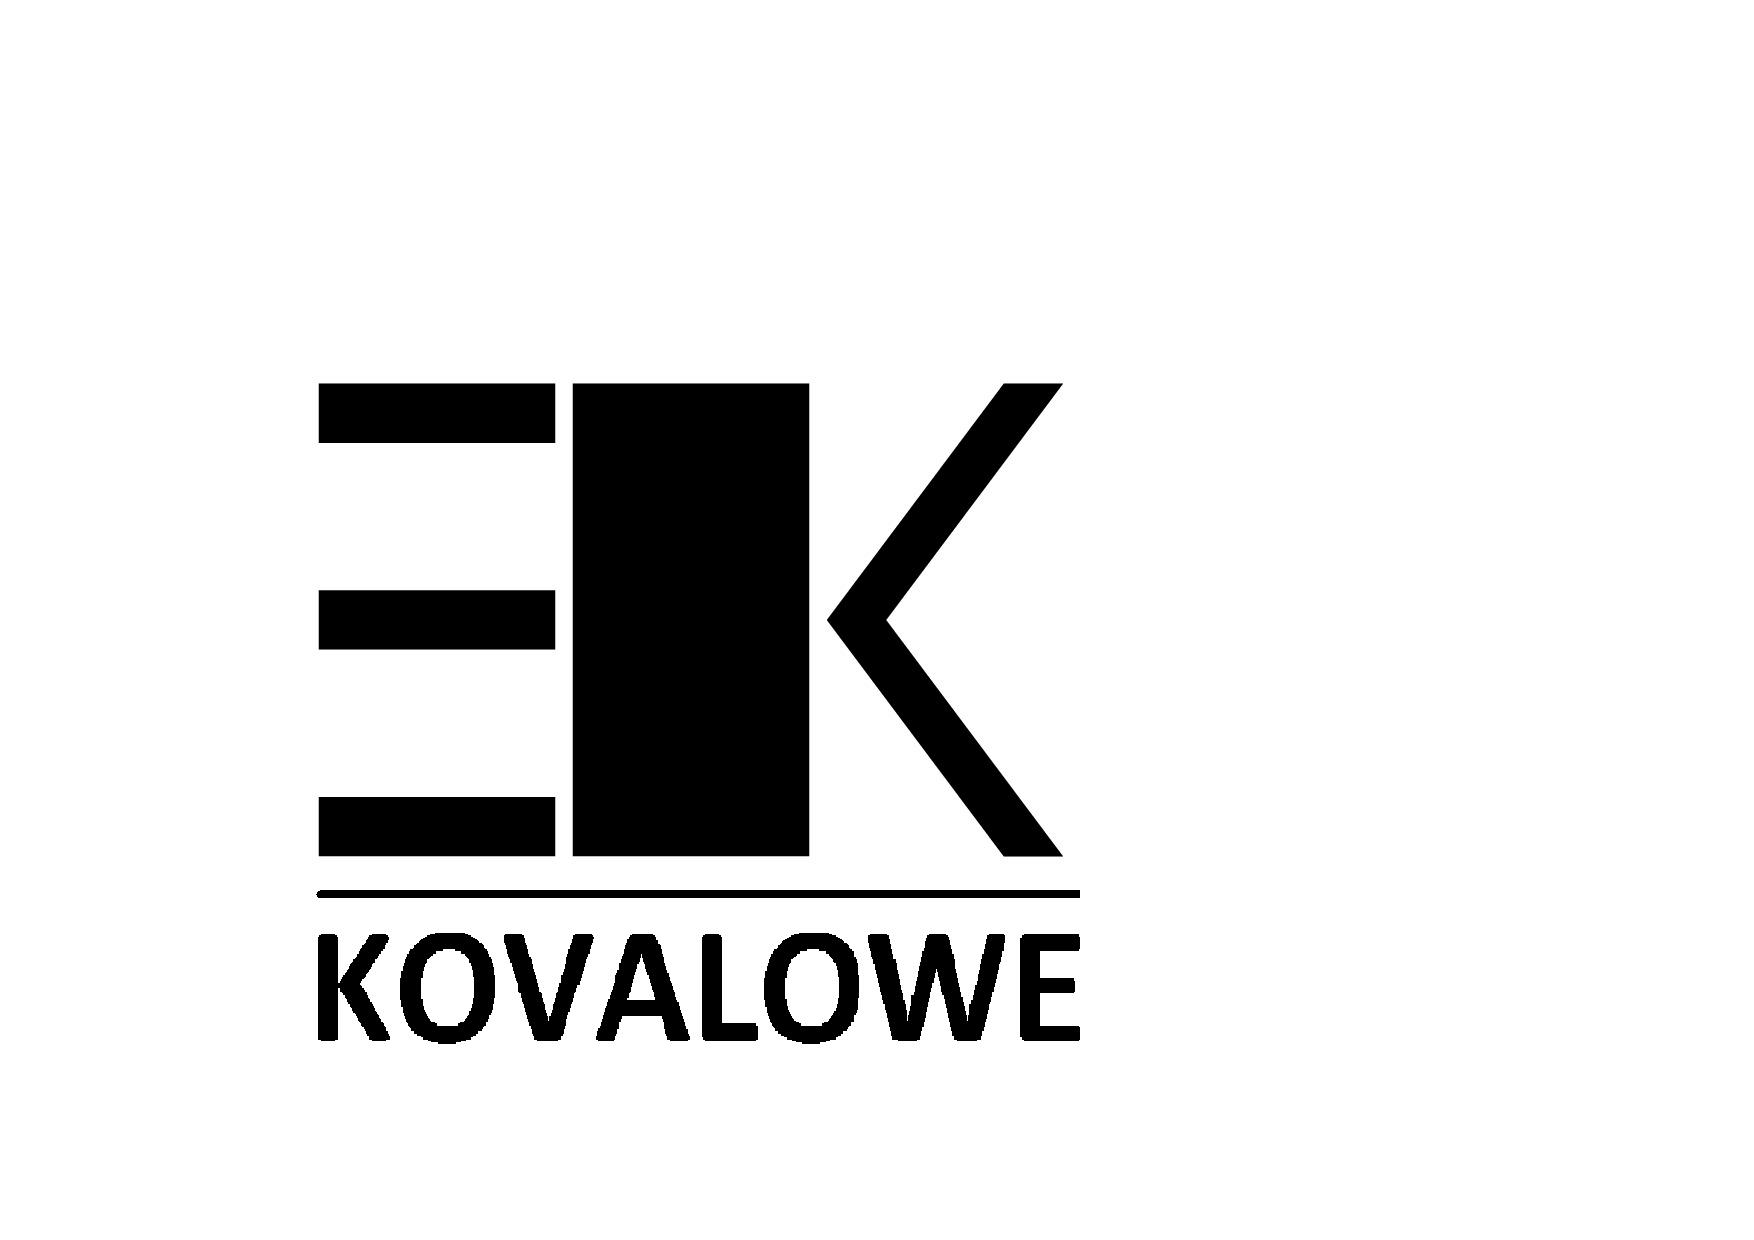 Pokaz mody w Łodzi Kovalowe